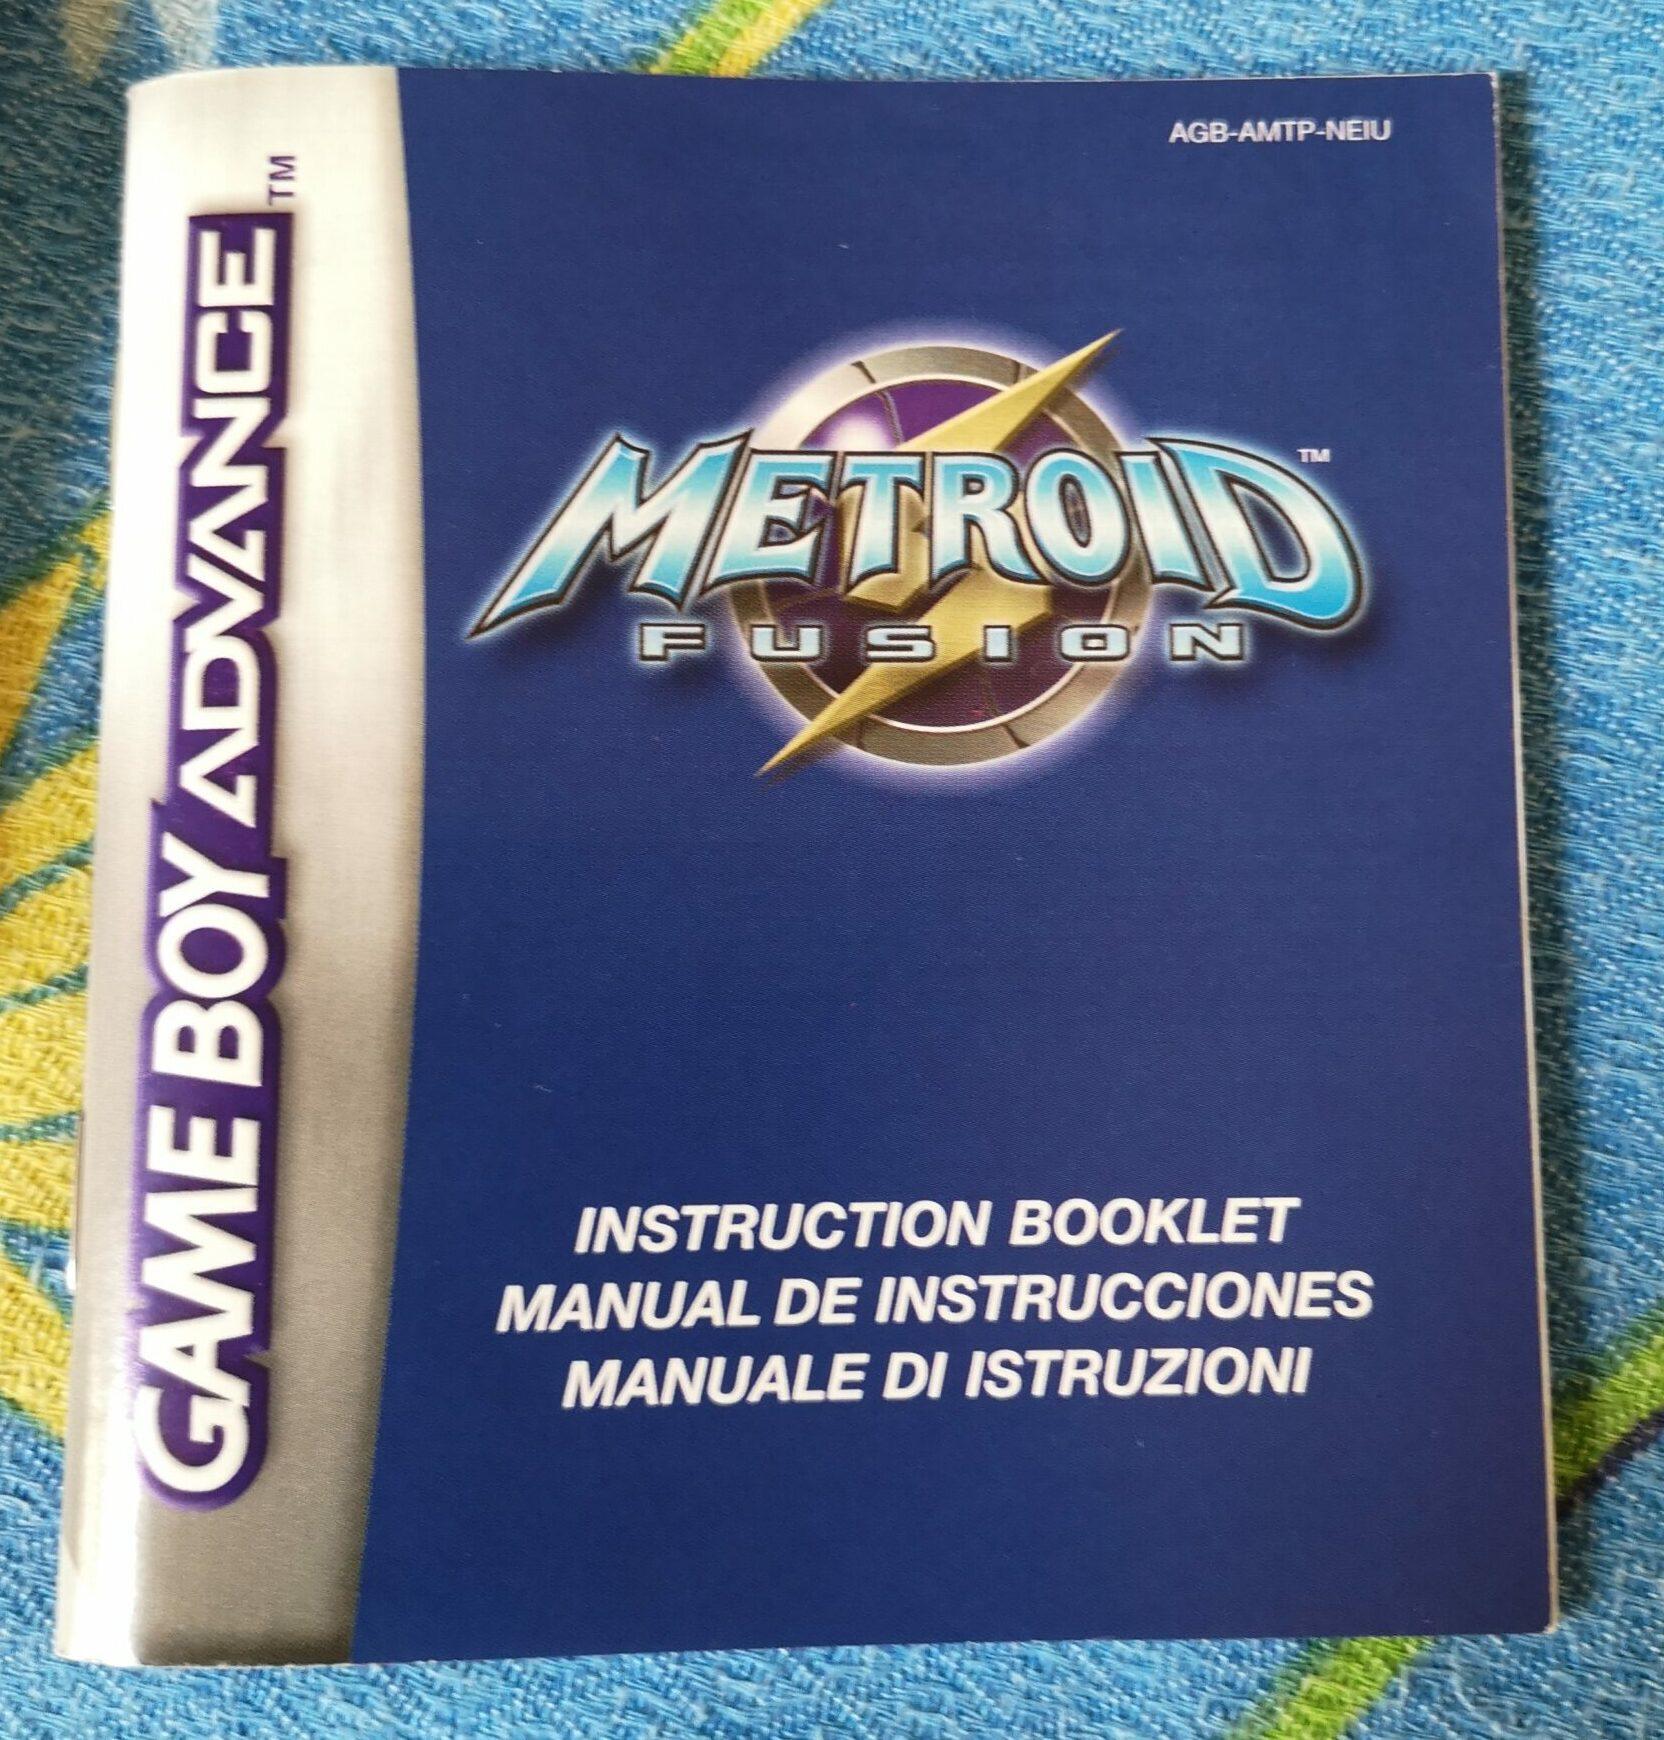 Metroid Fusion, dettagli manuale di istruzioni